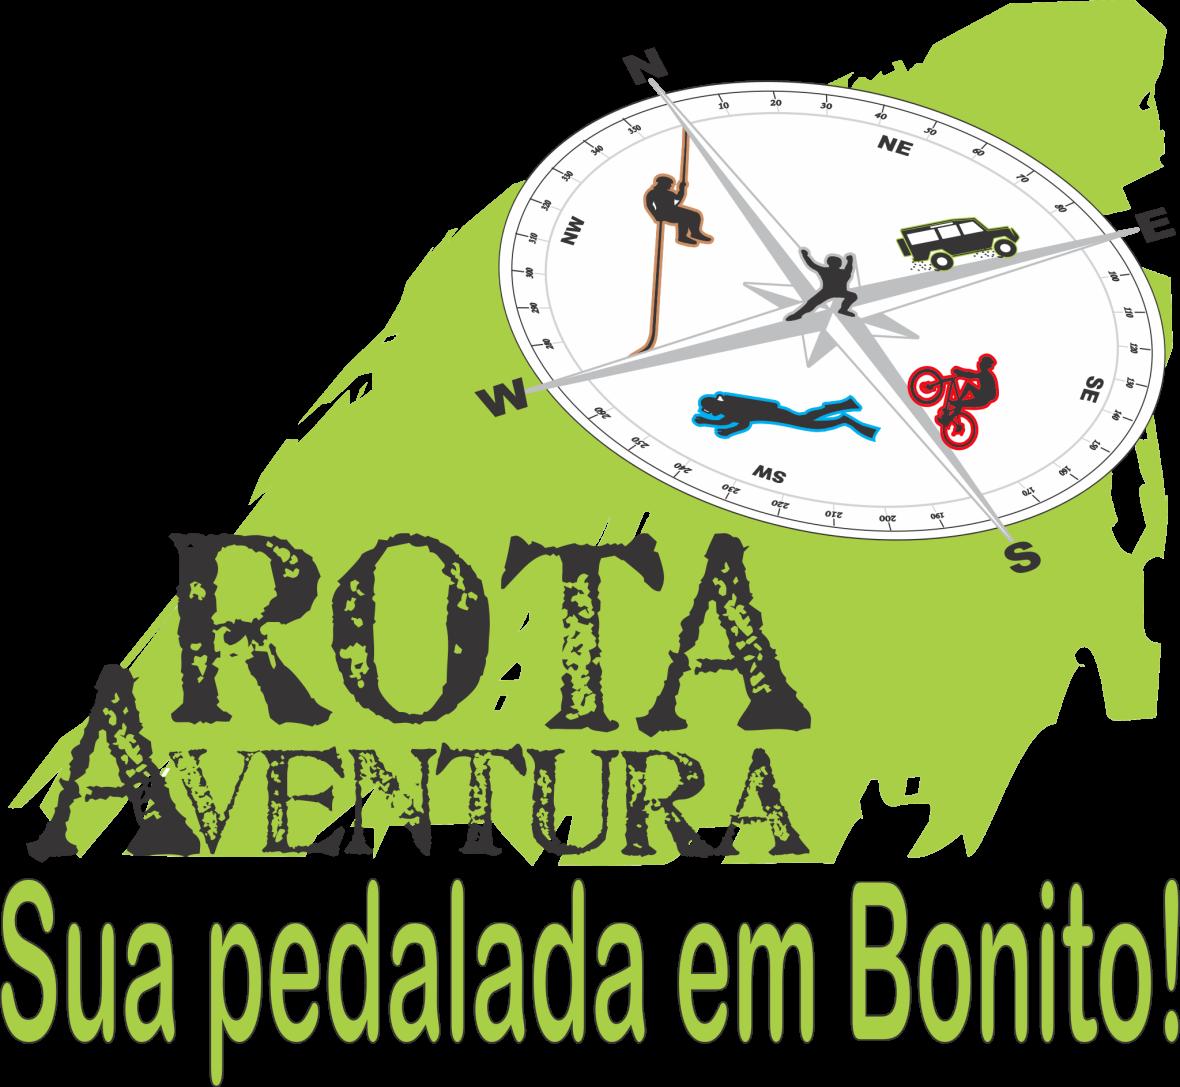 ROTA AVENTURA - Sua pedalada em Bonito - Mato Grosso do Sul